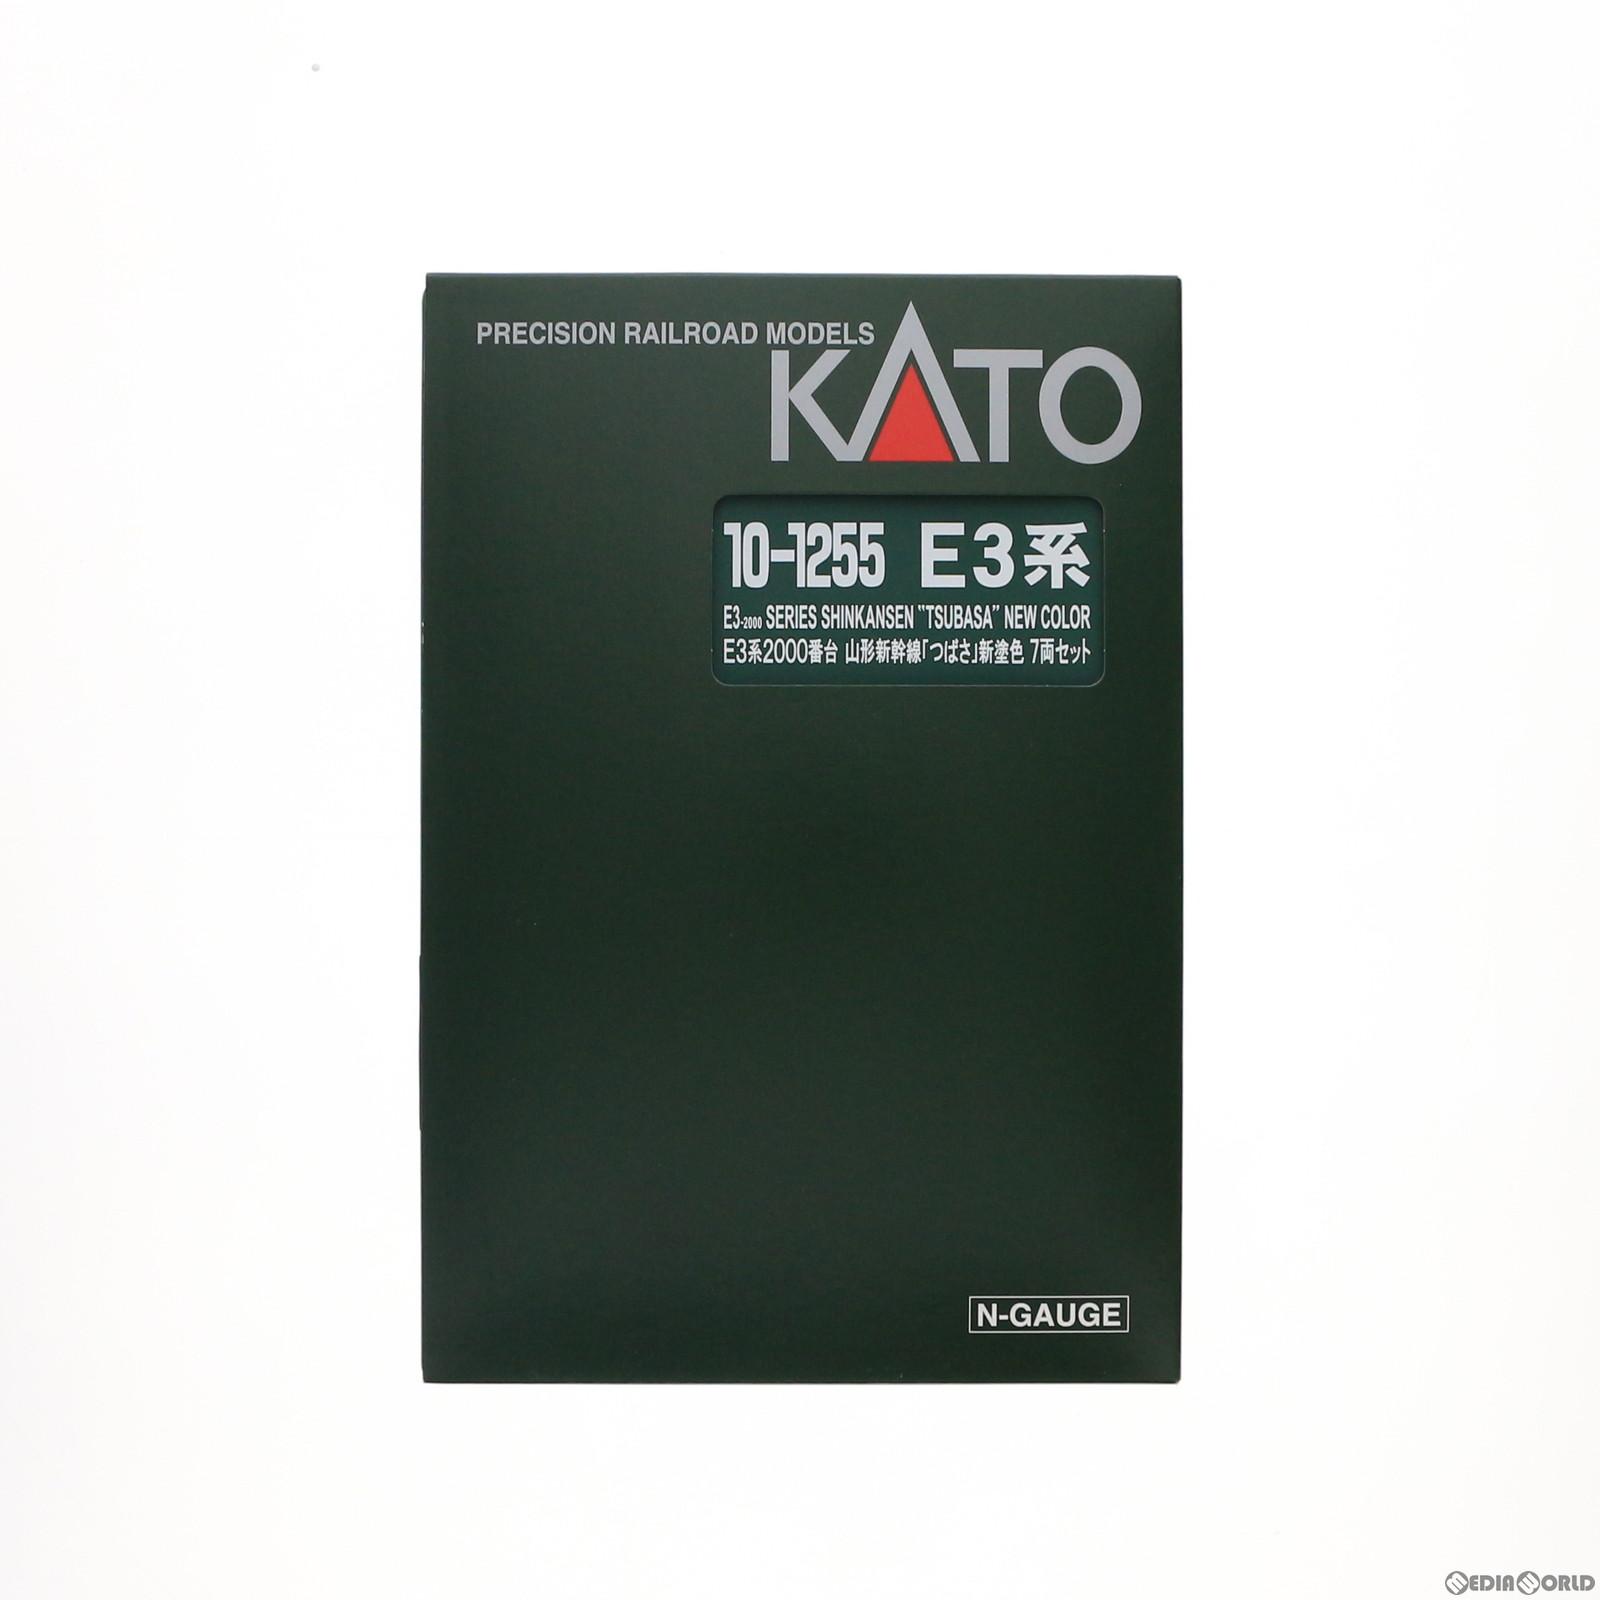 【再入荷!】 【中古】[RWM]10-1255 E3系2000番台 山形新幹線「つばさ」新塗色 7両セット E3系2000番台 Nゲージ Nゲージ 7両セット 鉄道模型 KATO(カトー)(20150530), MADE IN TOKUSHIMA SHOP:0dd1100e --- canoncity.azurewebsites.net